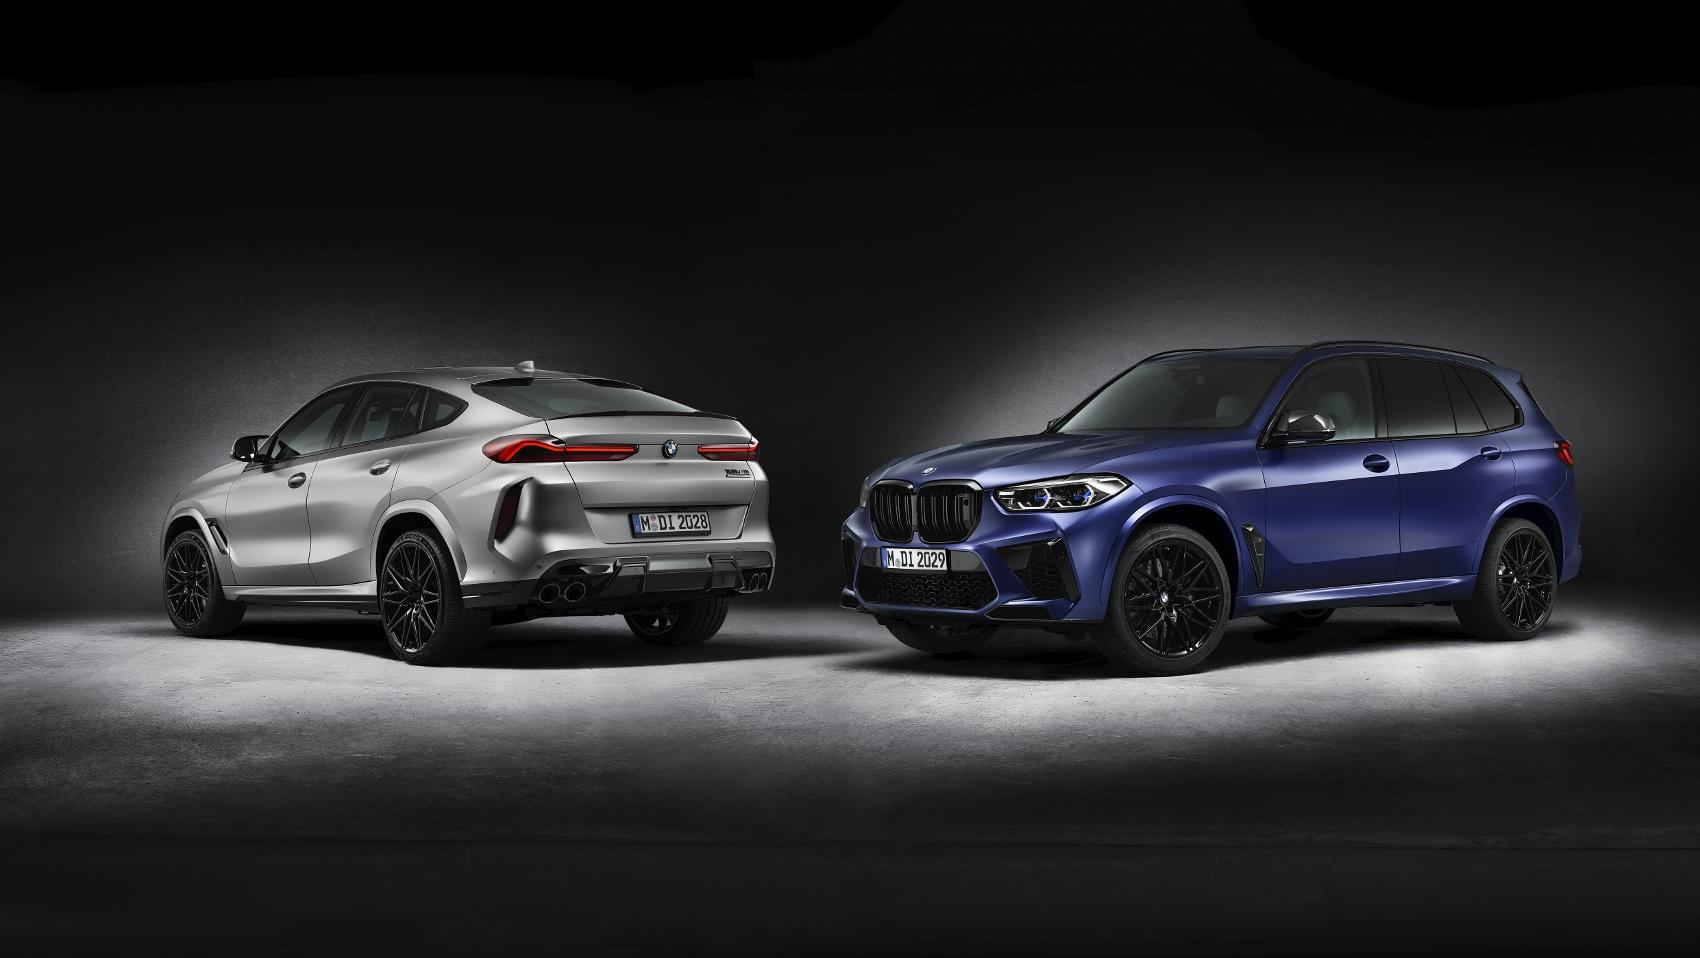 BMW X5 M a X6 M Competition prichádza v limitovanej sérii First Edition